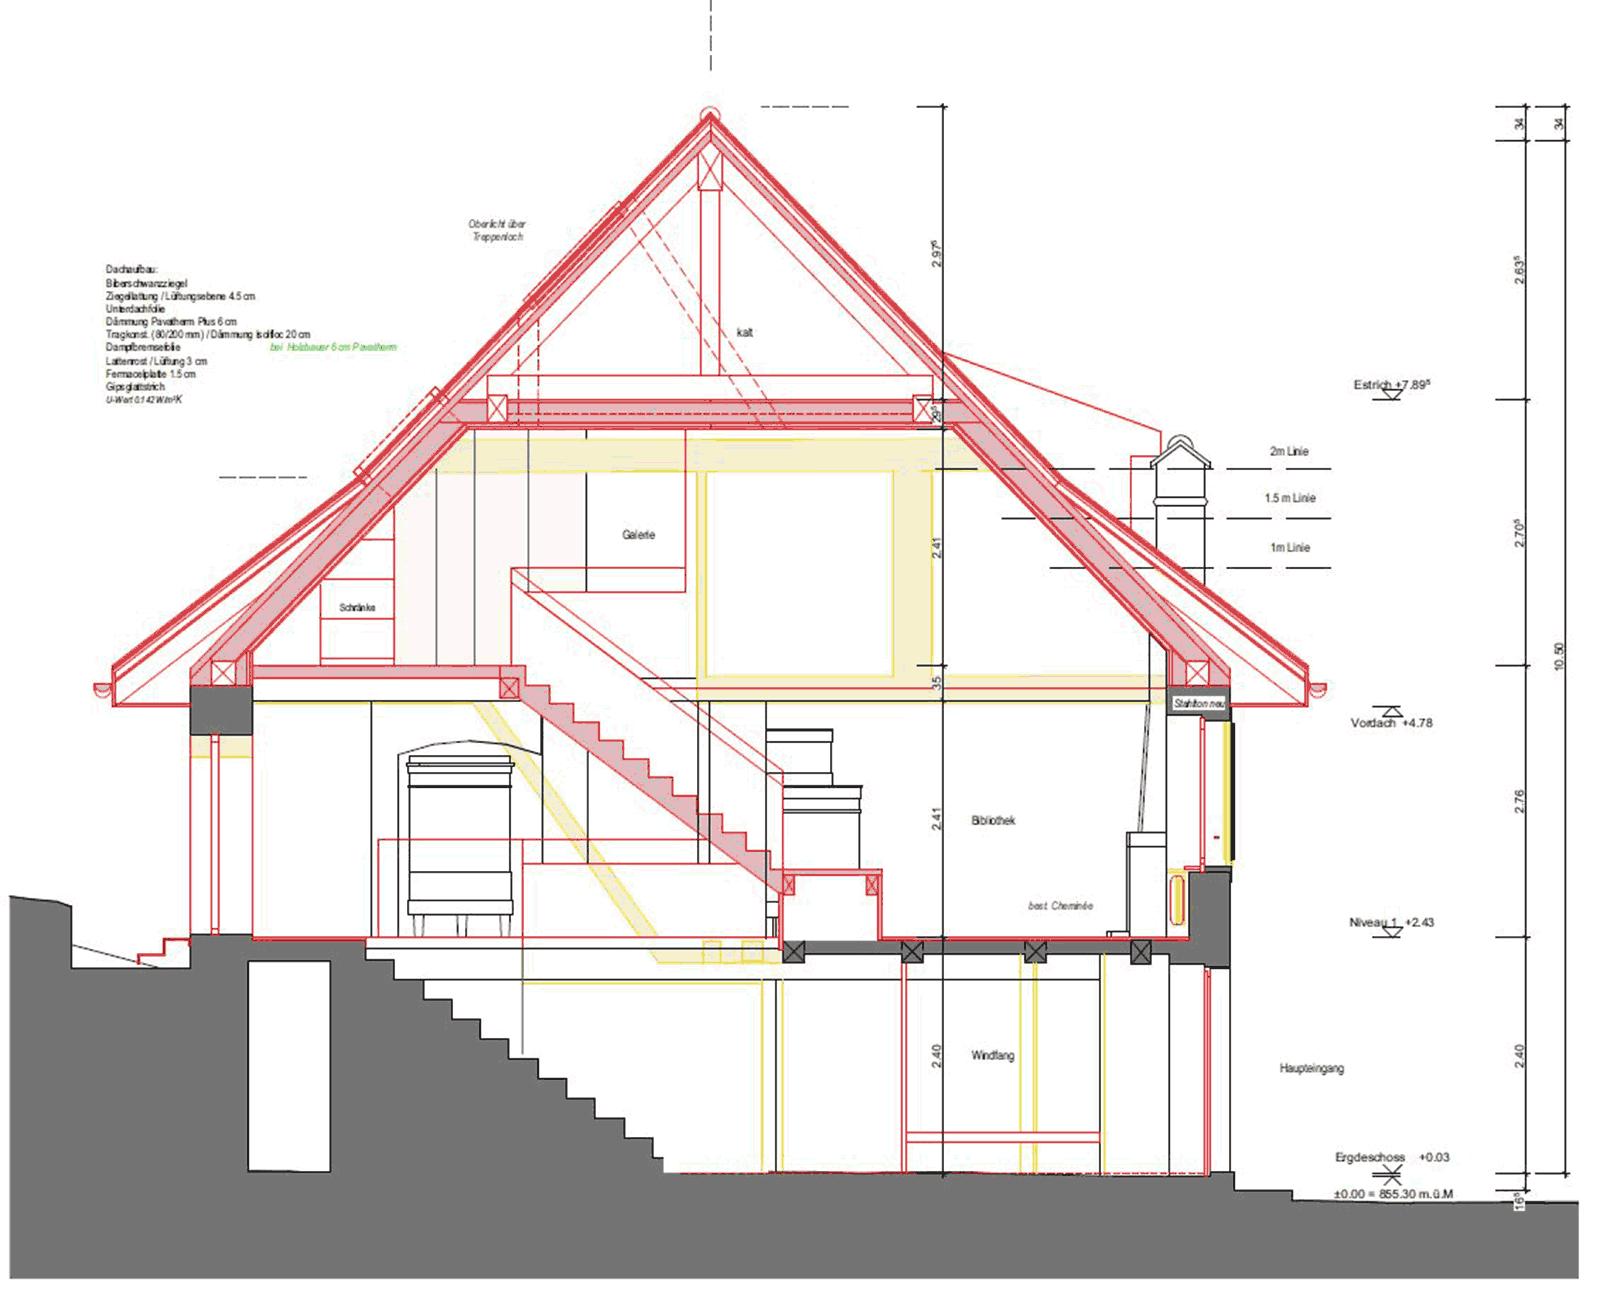 Querschnitt Wiederaufbau denkmalgeschützes ehemaliges Bauernhaus Hauptstrasse Magglinggen